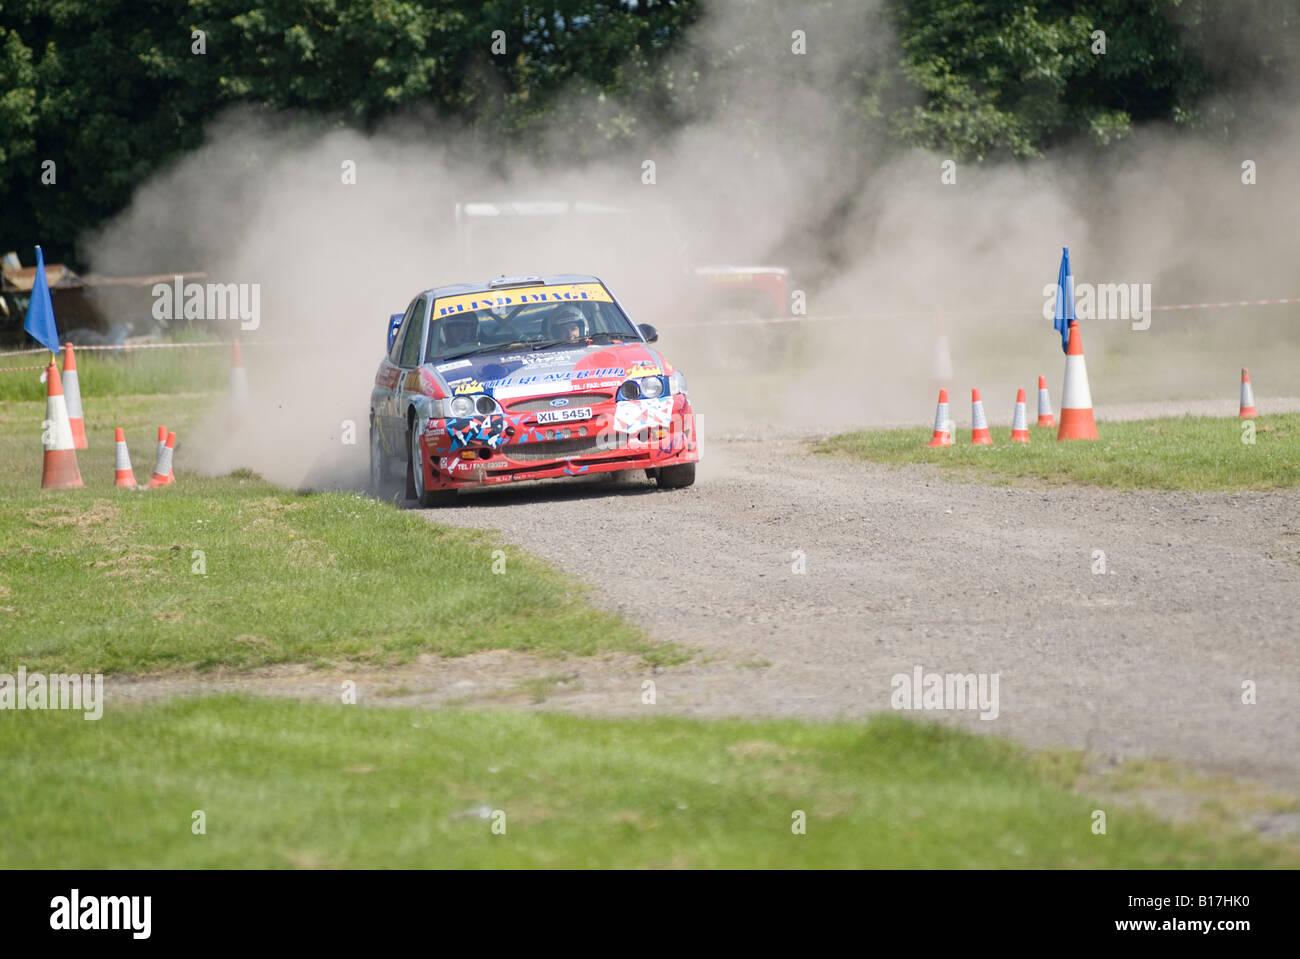 Ford Escort Rallye Rallye Auto off Road Racing Staub staubige Bühne Geschwindigkeit schnell Cosworth kicking Stockbild